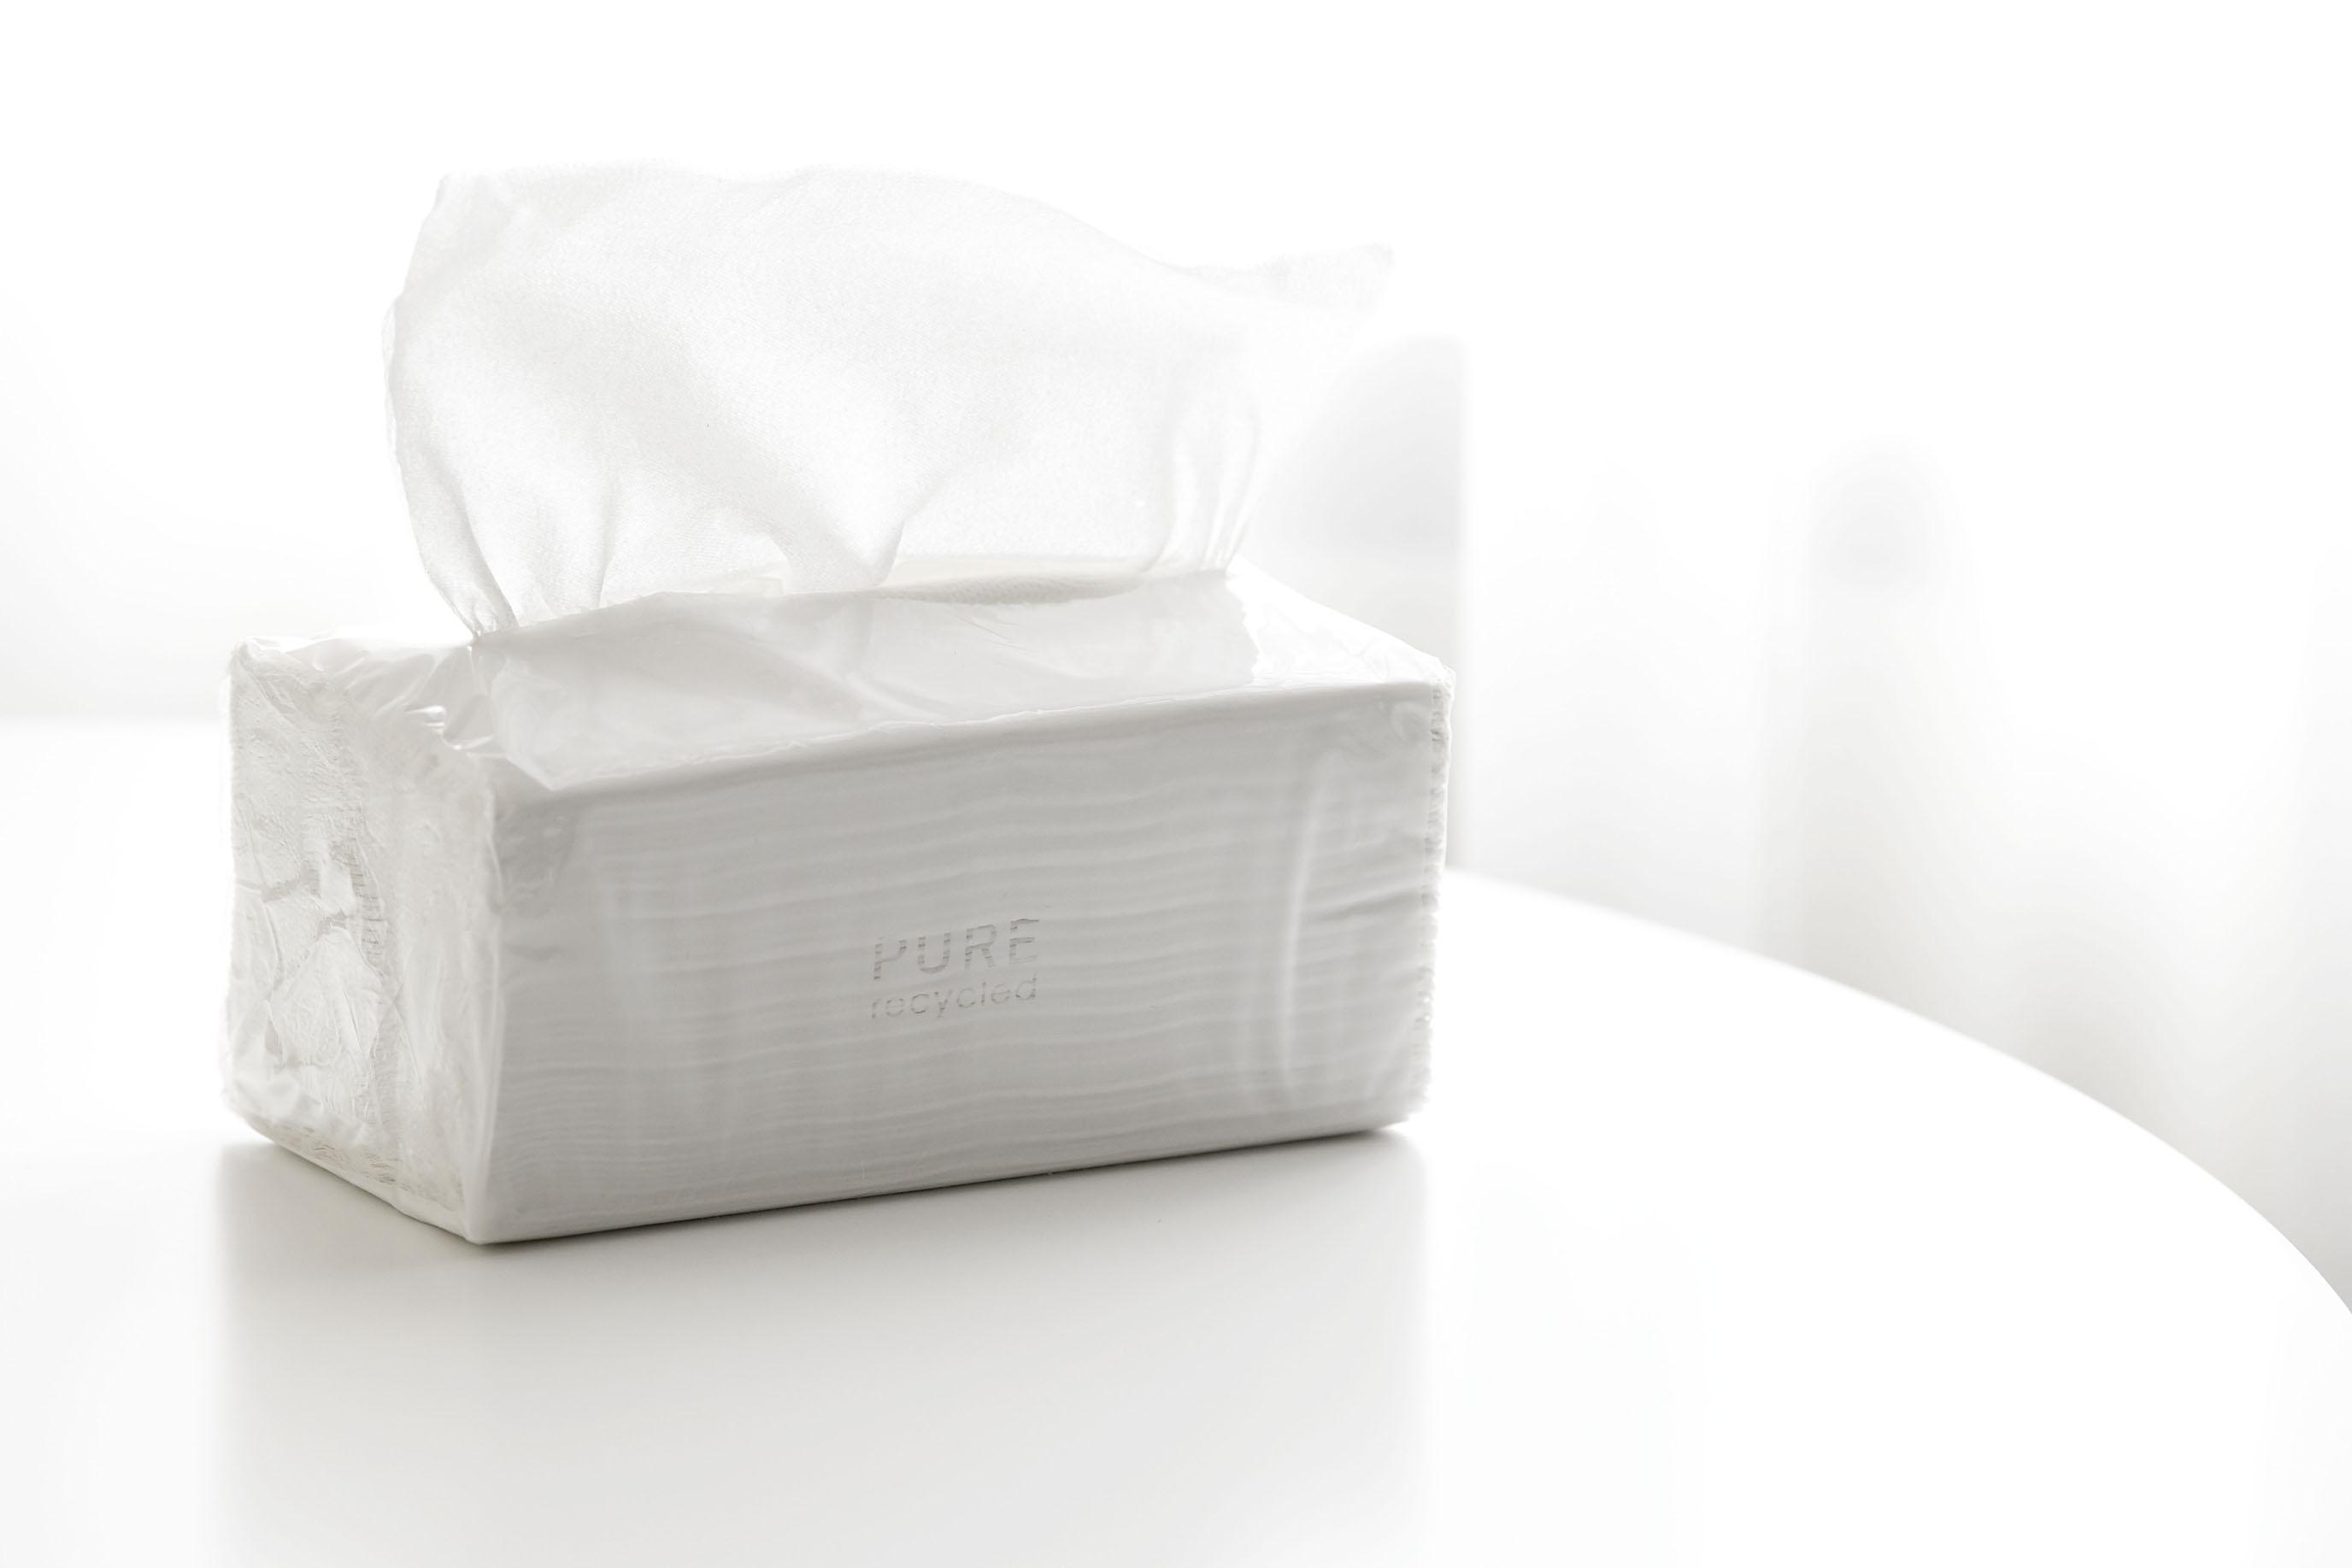 總算讓我找到最美的全白衛生紙了|Unipapa Pure衛生紙、 環保衛生紙